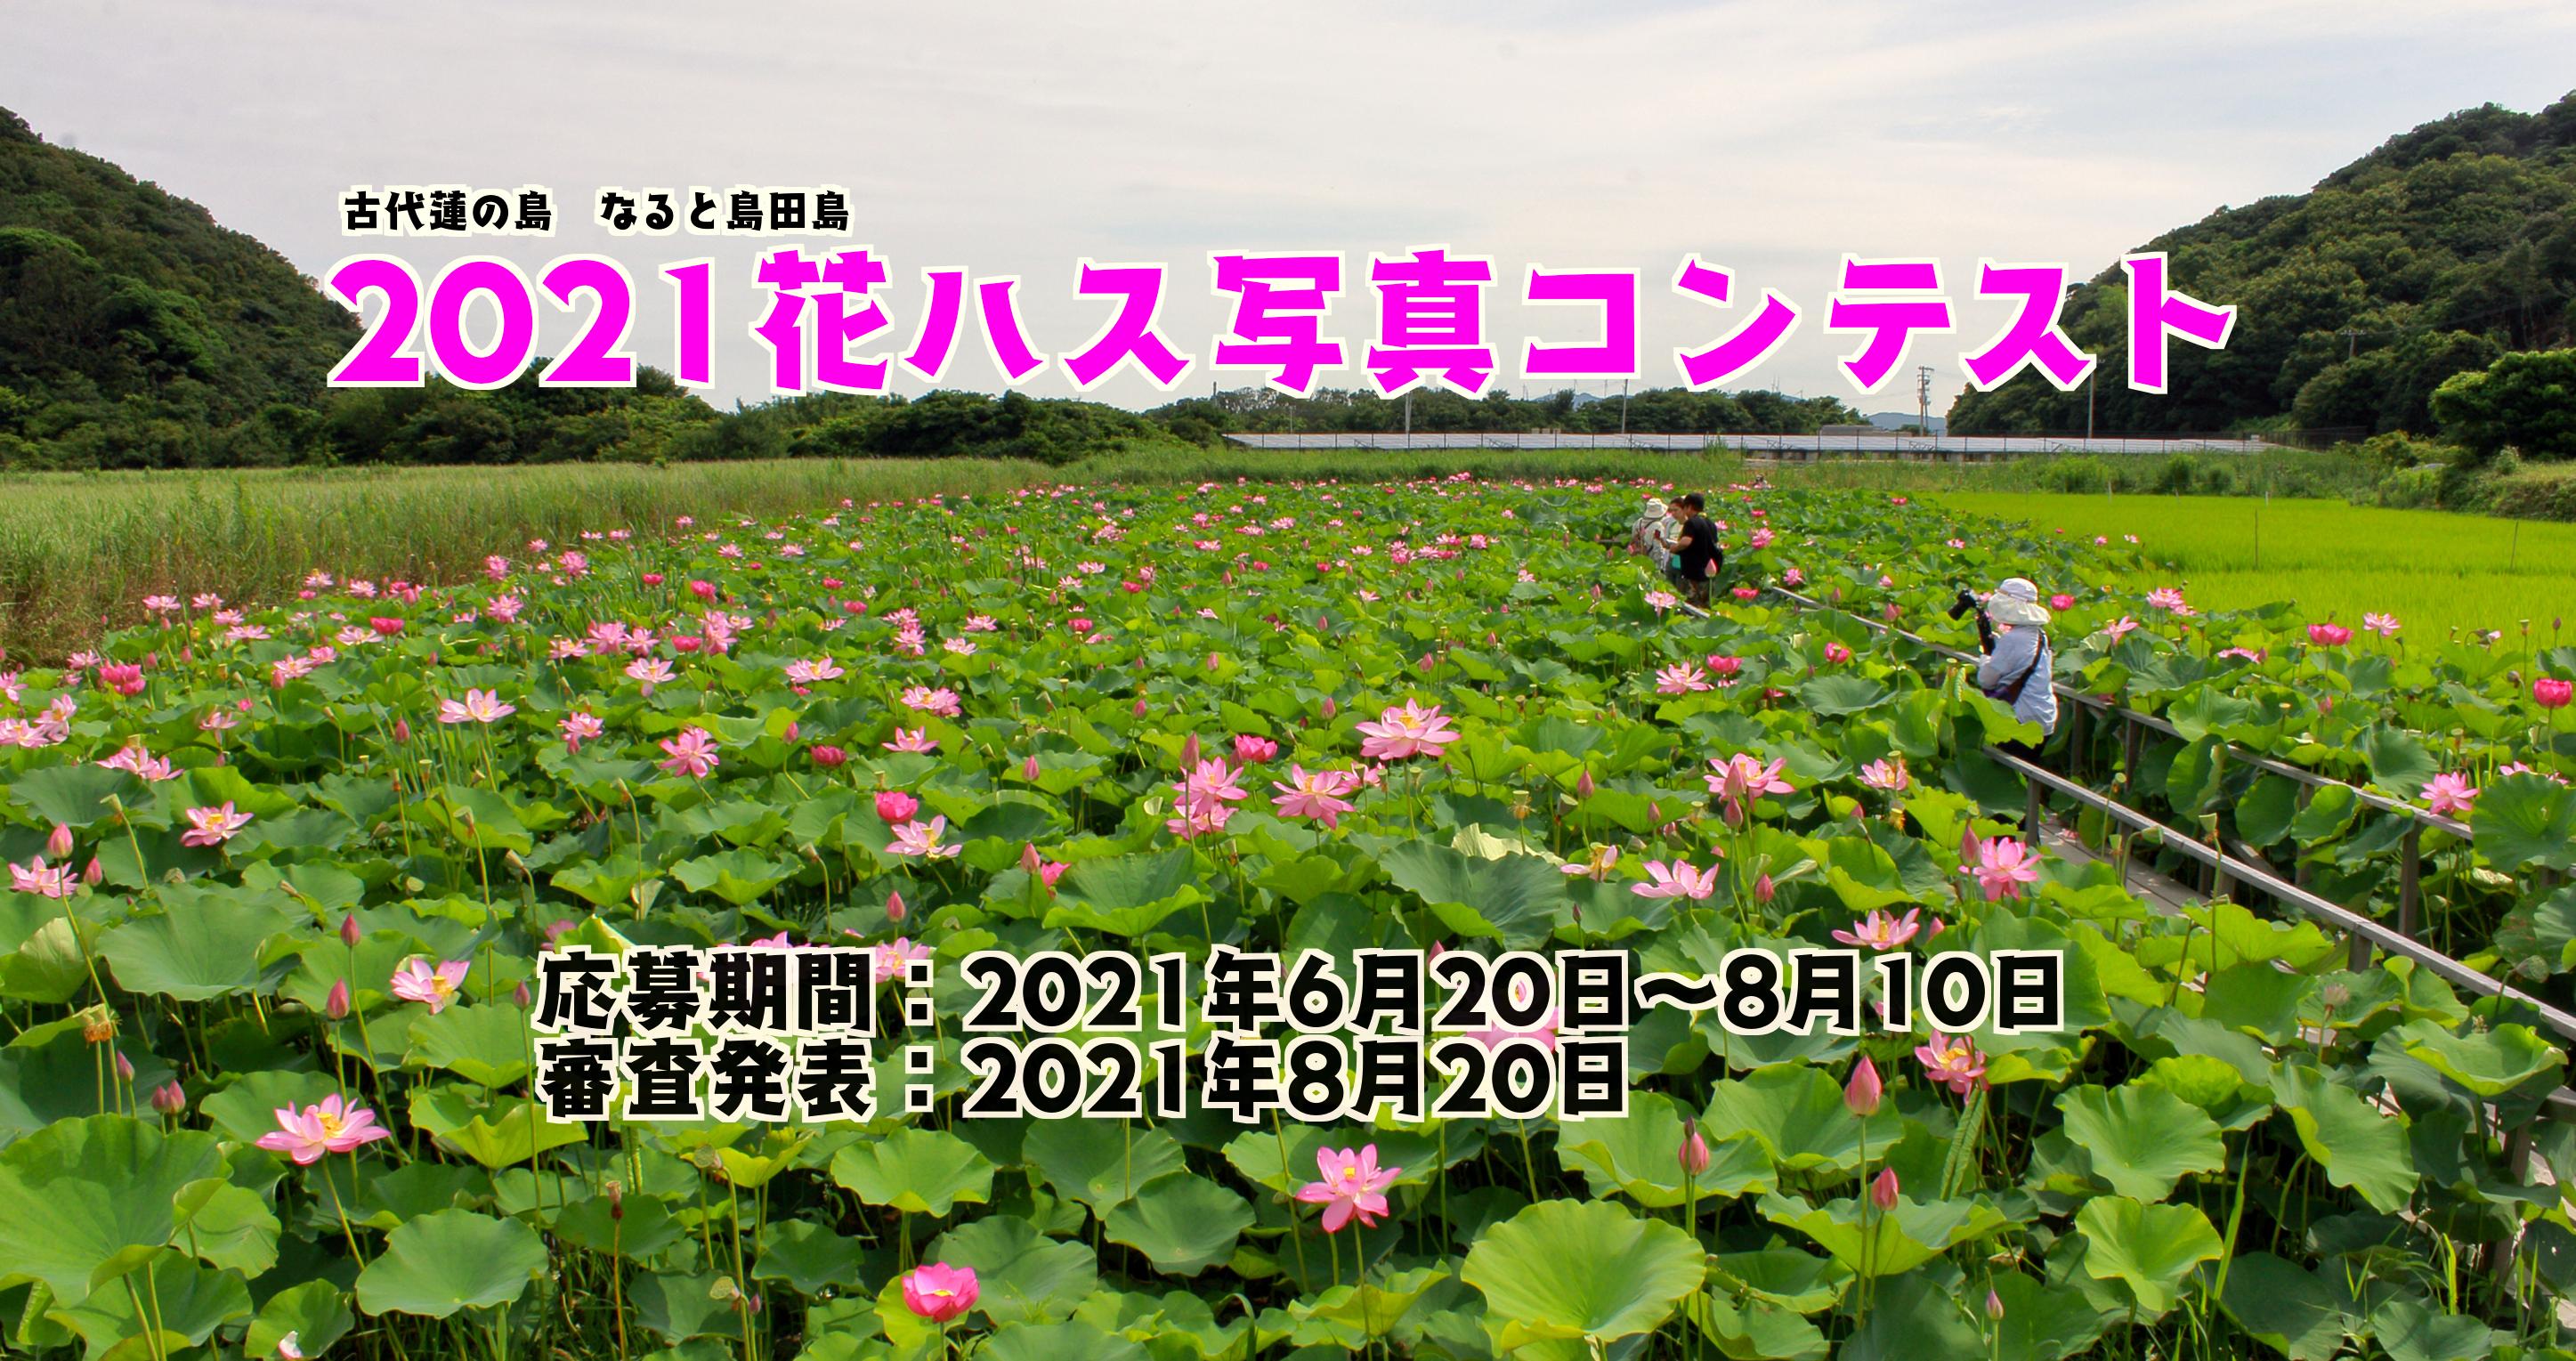 2021花ハス写真コンテスト応募要領